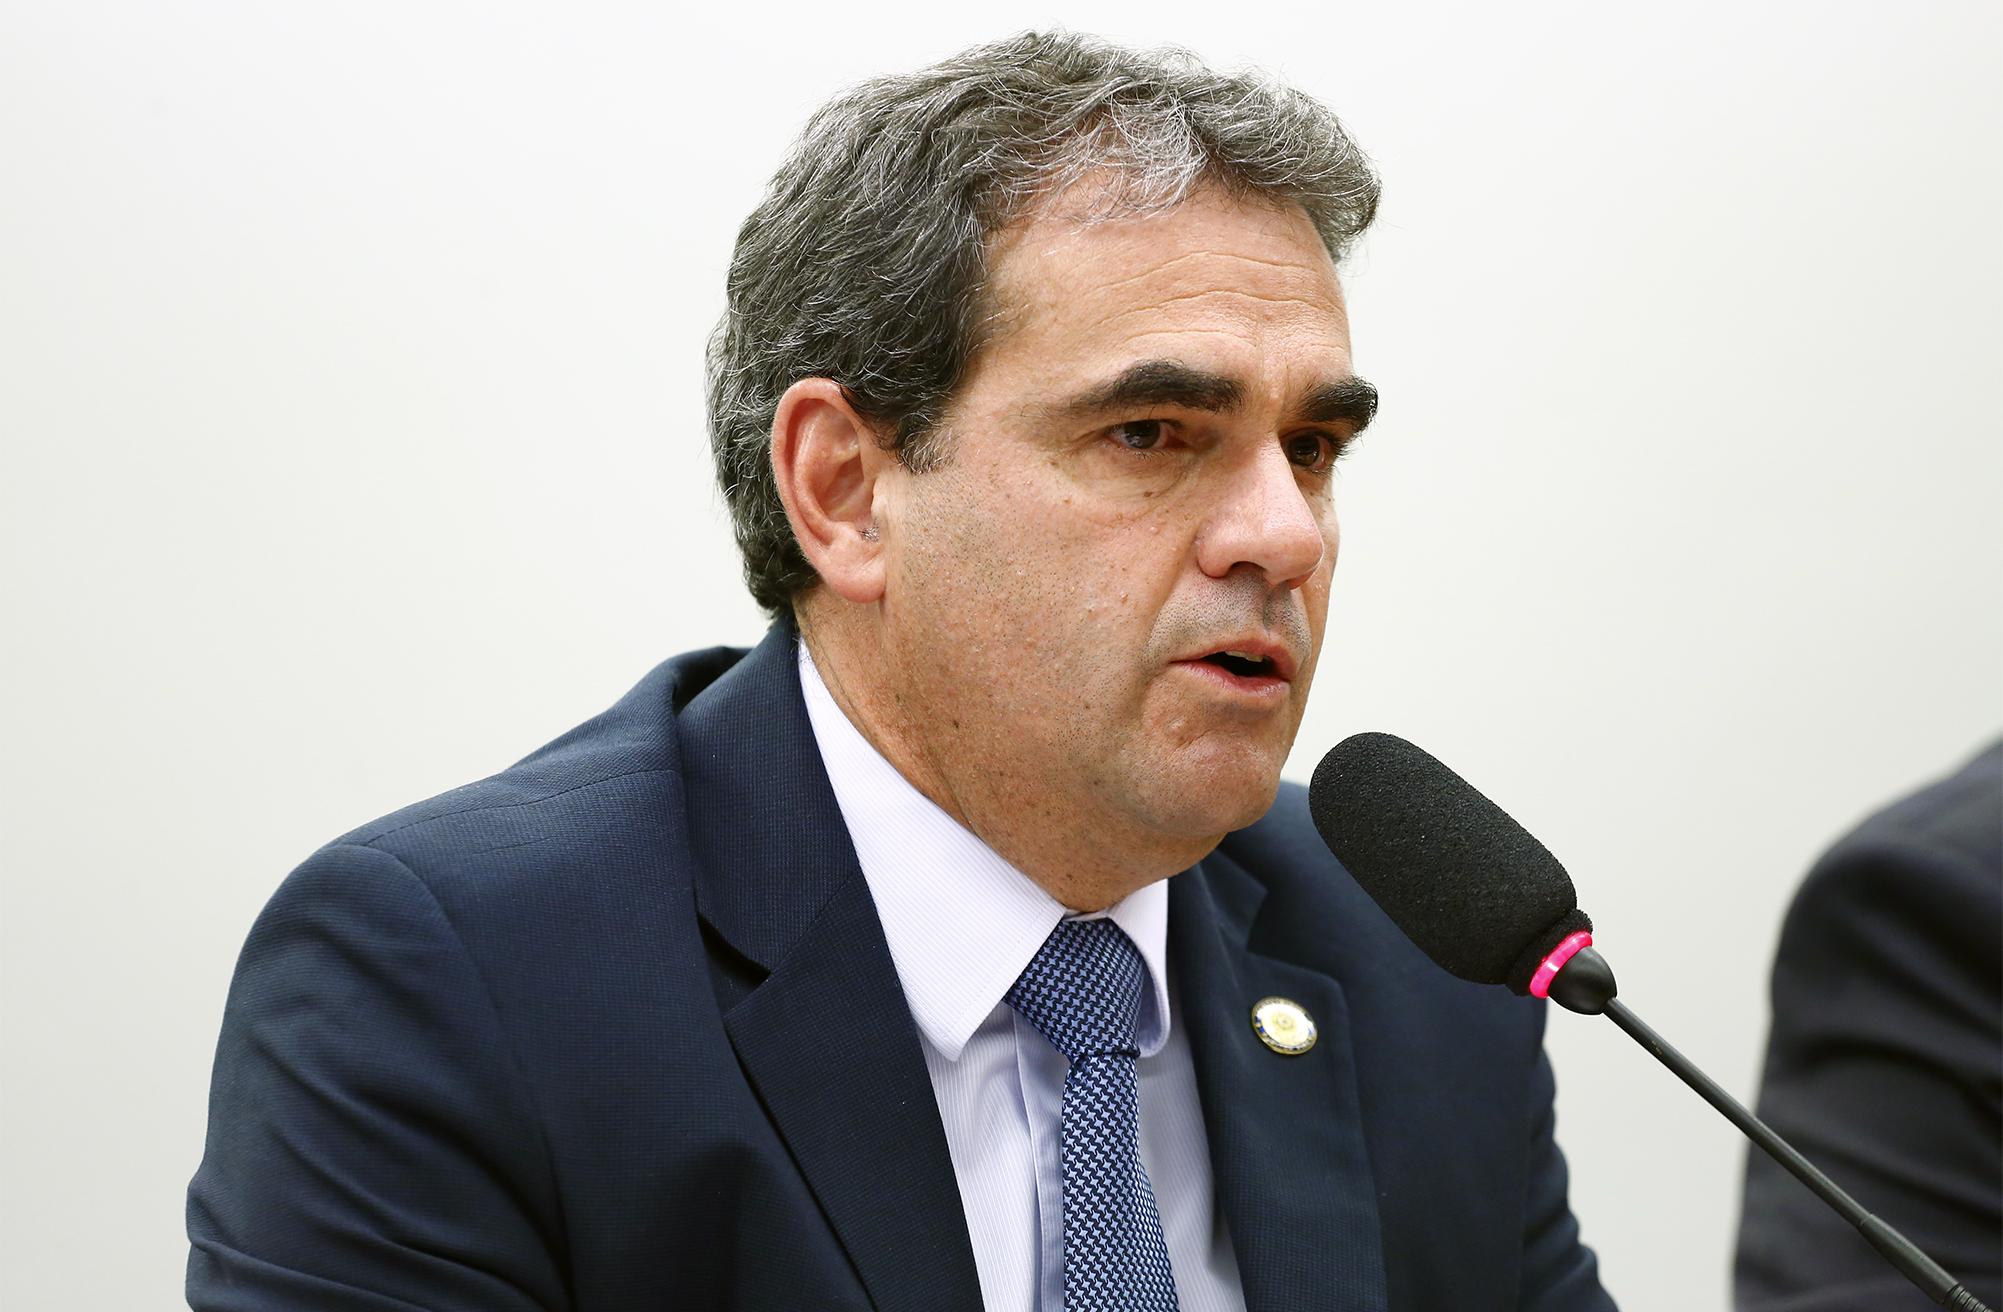 Audiência Pública e Reunião Ordinária. Coordenador Geral de Gestão de Pessoas da Receita Federal do Brasil, Antônio Márcio de Oliveira Aguiar